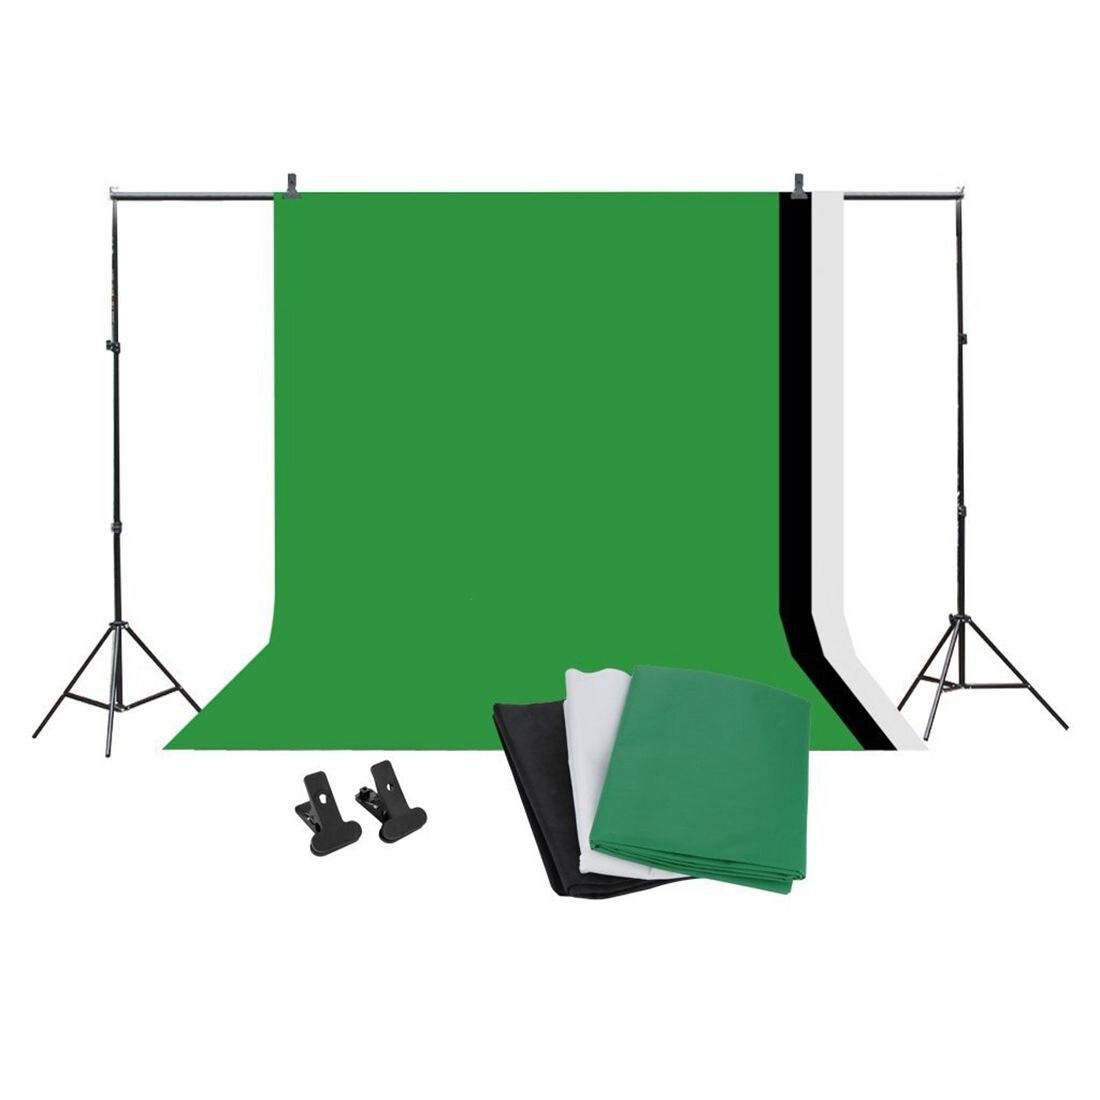 Kit de Support de fond de Studio professionnel-10x6. 5ft Kit de Support de toile de fond Photo + écran de fond (noir, vert, blanc)